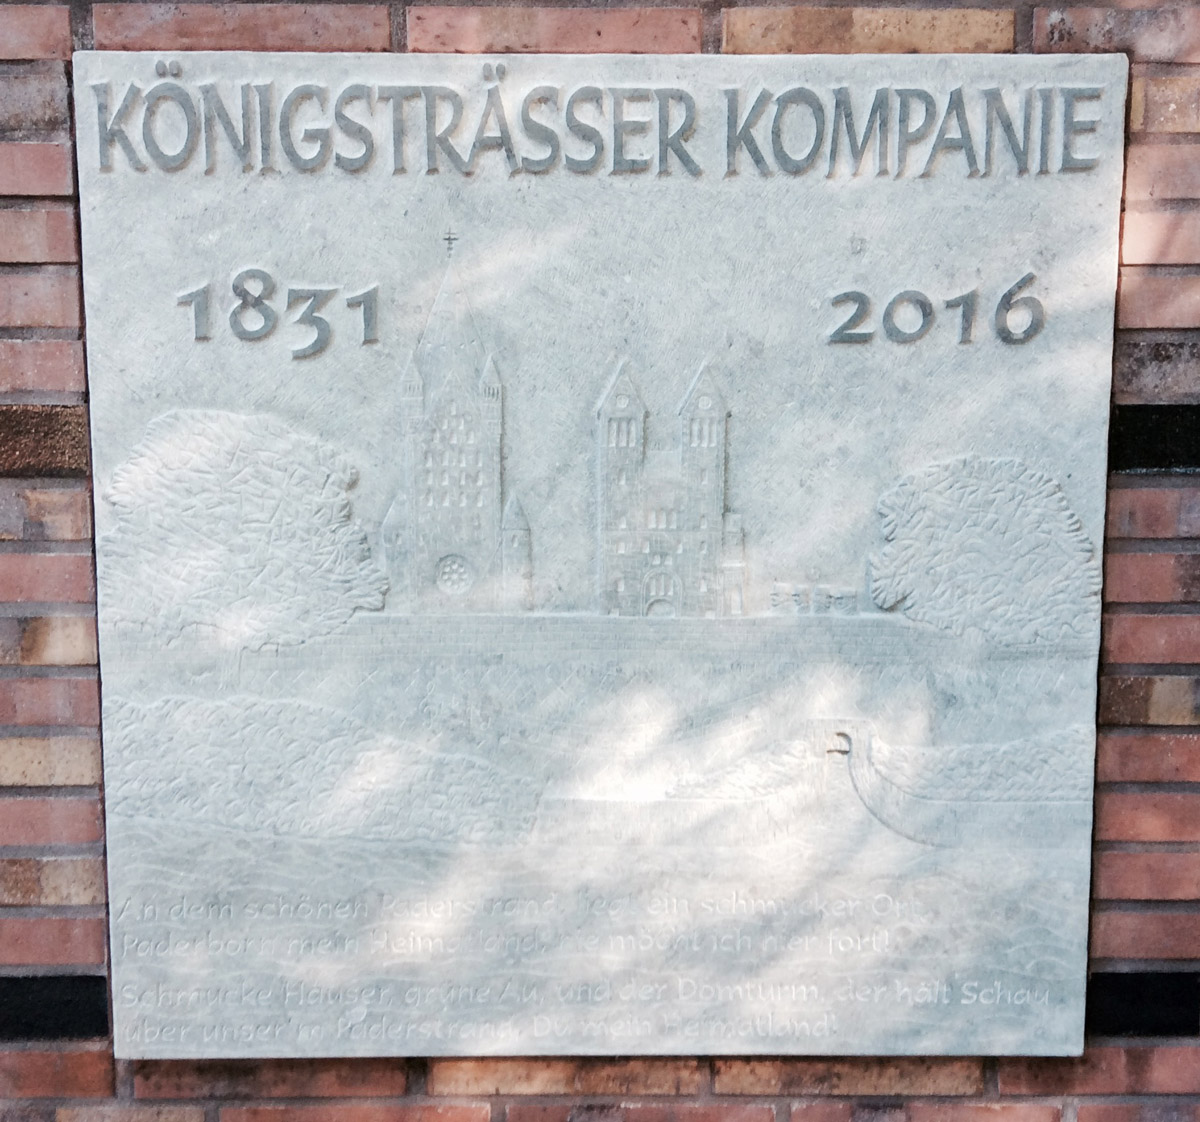 Neues Steinrelief der Königssträßer Kompanie auf dem Schützenplatz Paderborn